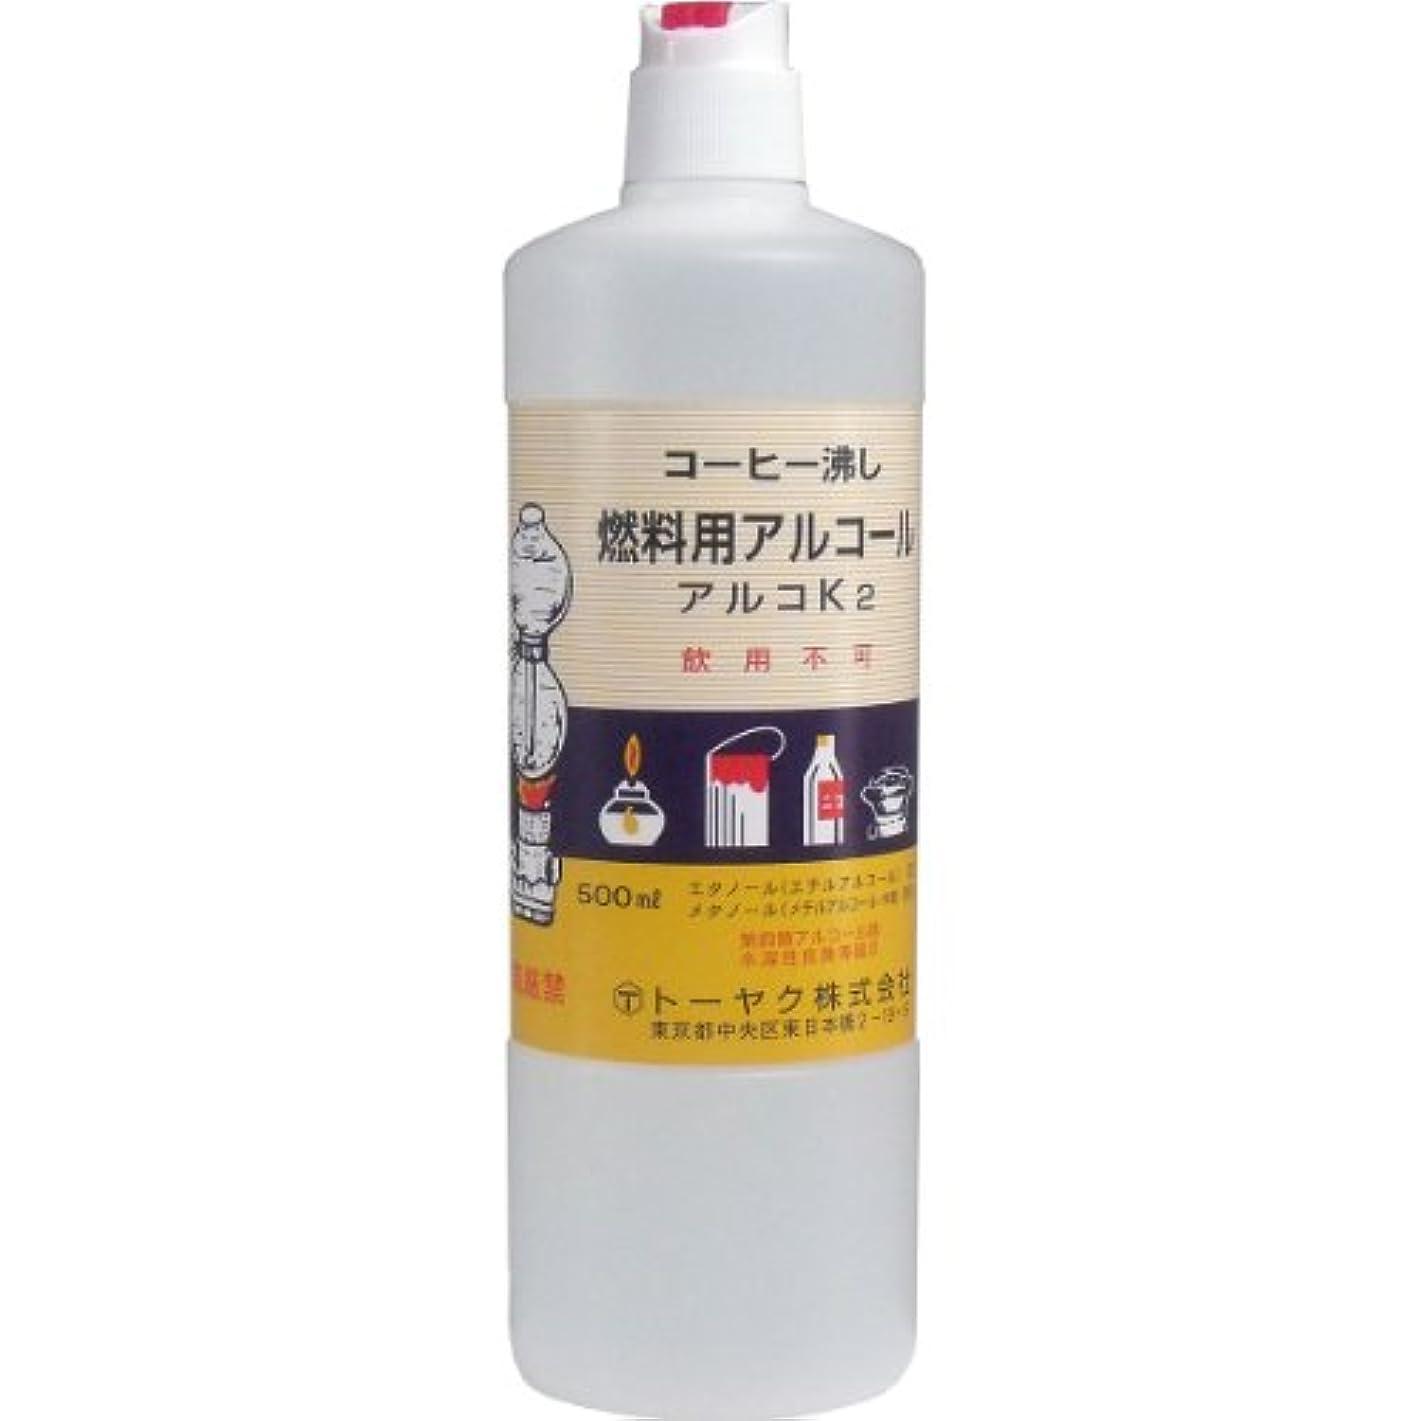 入力前奏曲かる燃料用アルコール アルコK2 ×3個セット